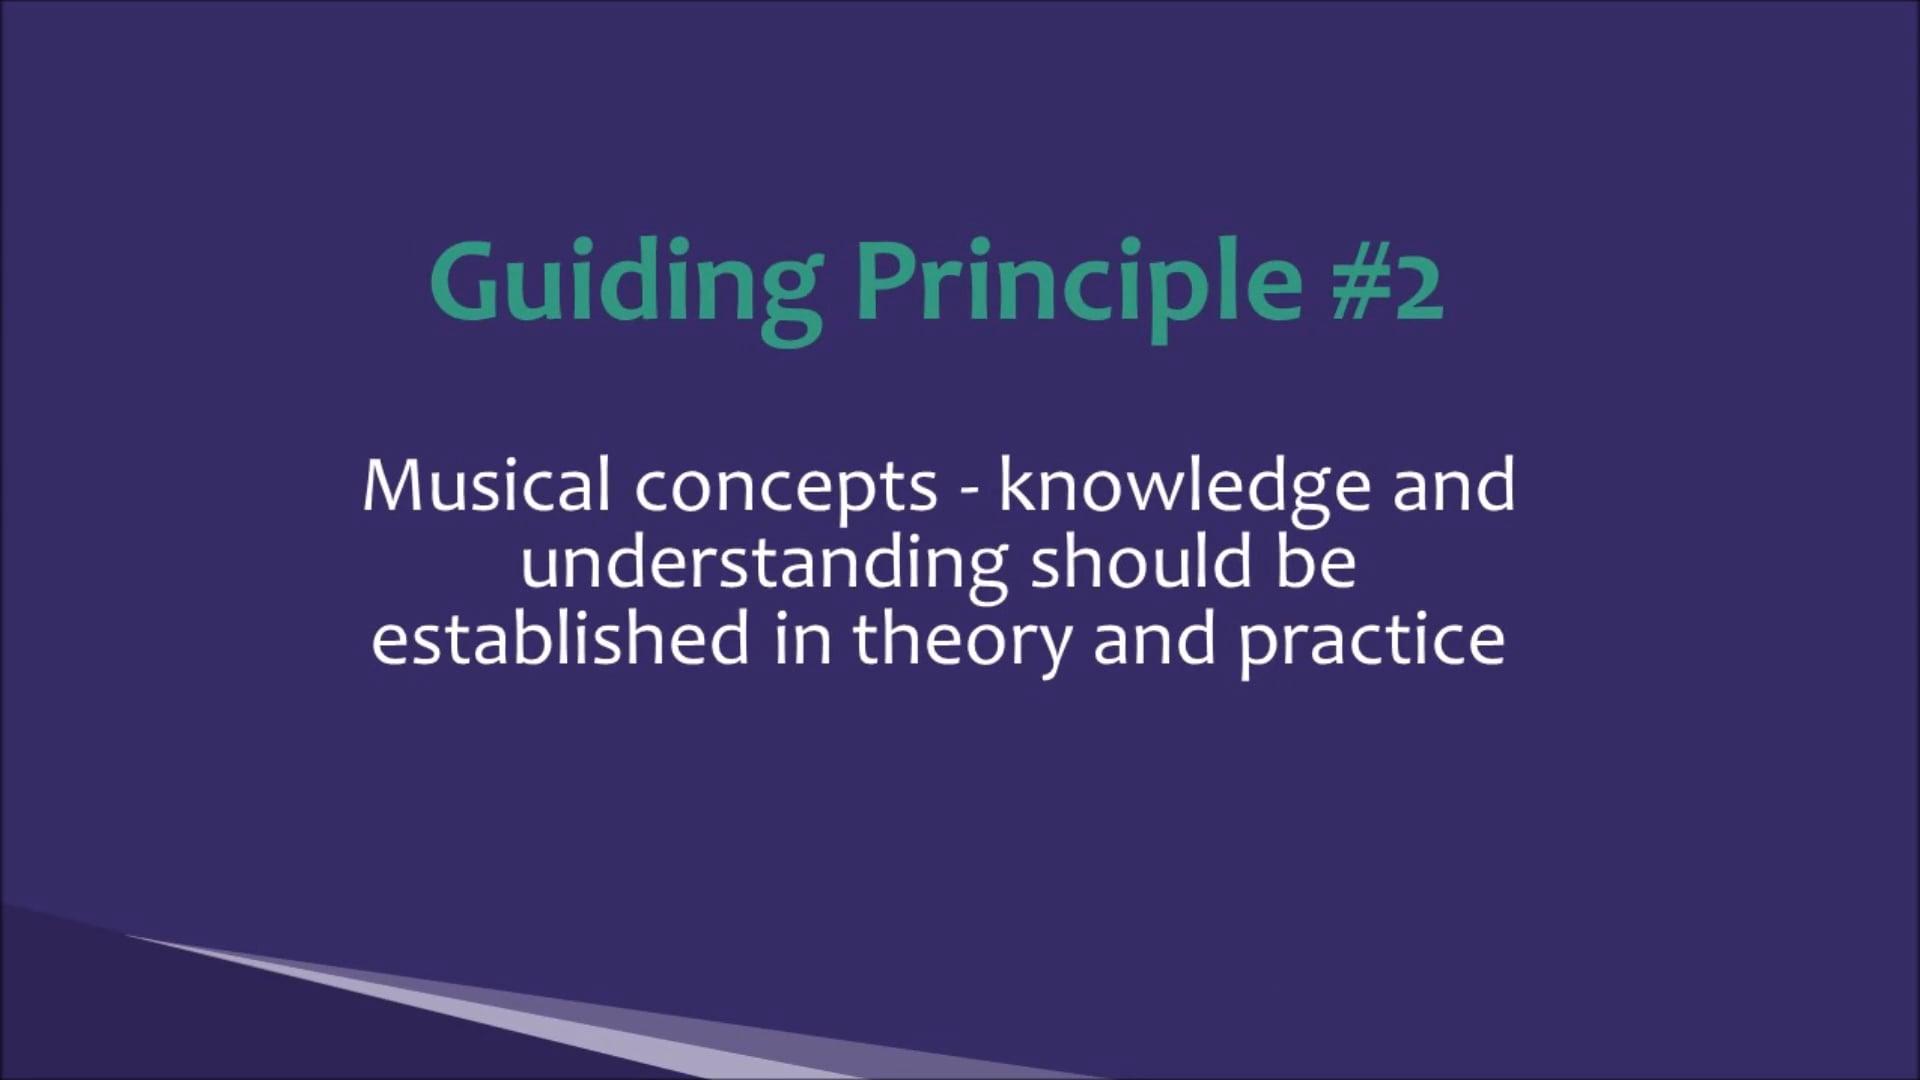 PTC - Piano Teaching for the 21st Century #2